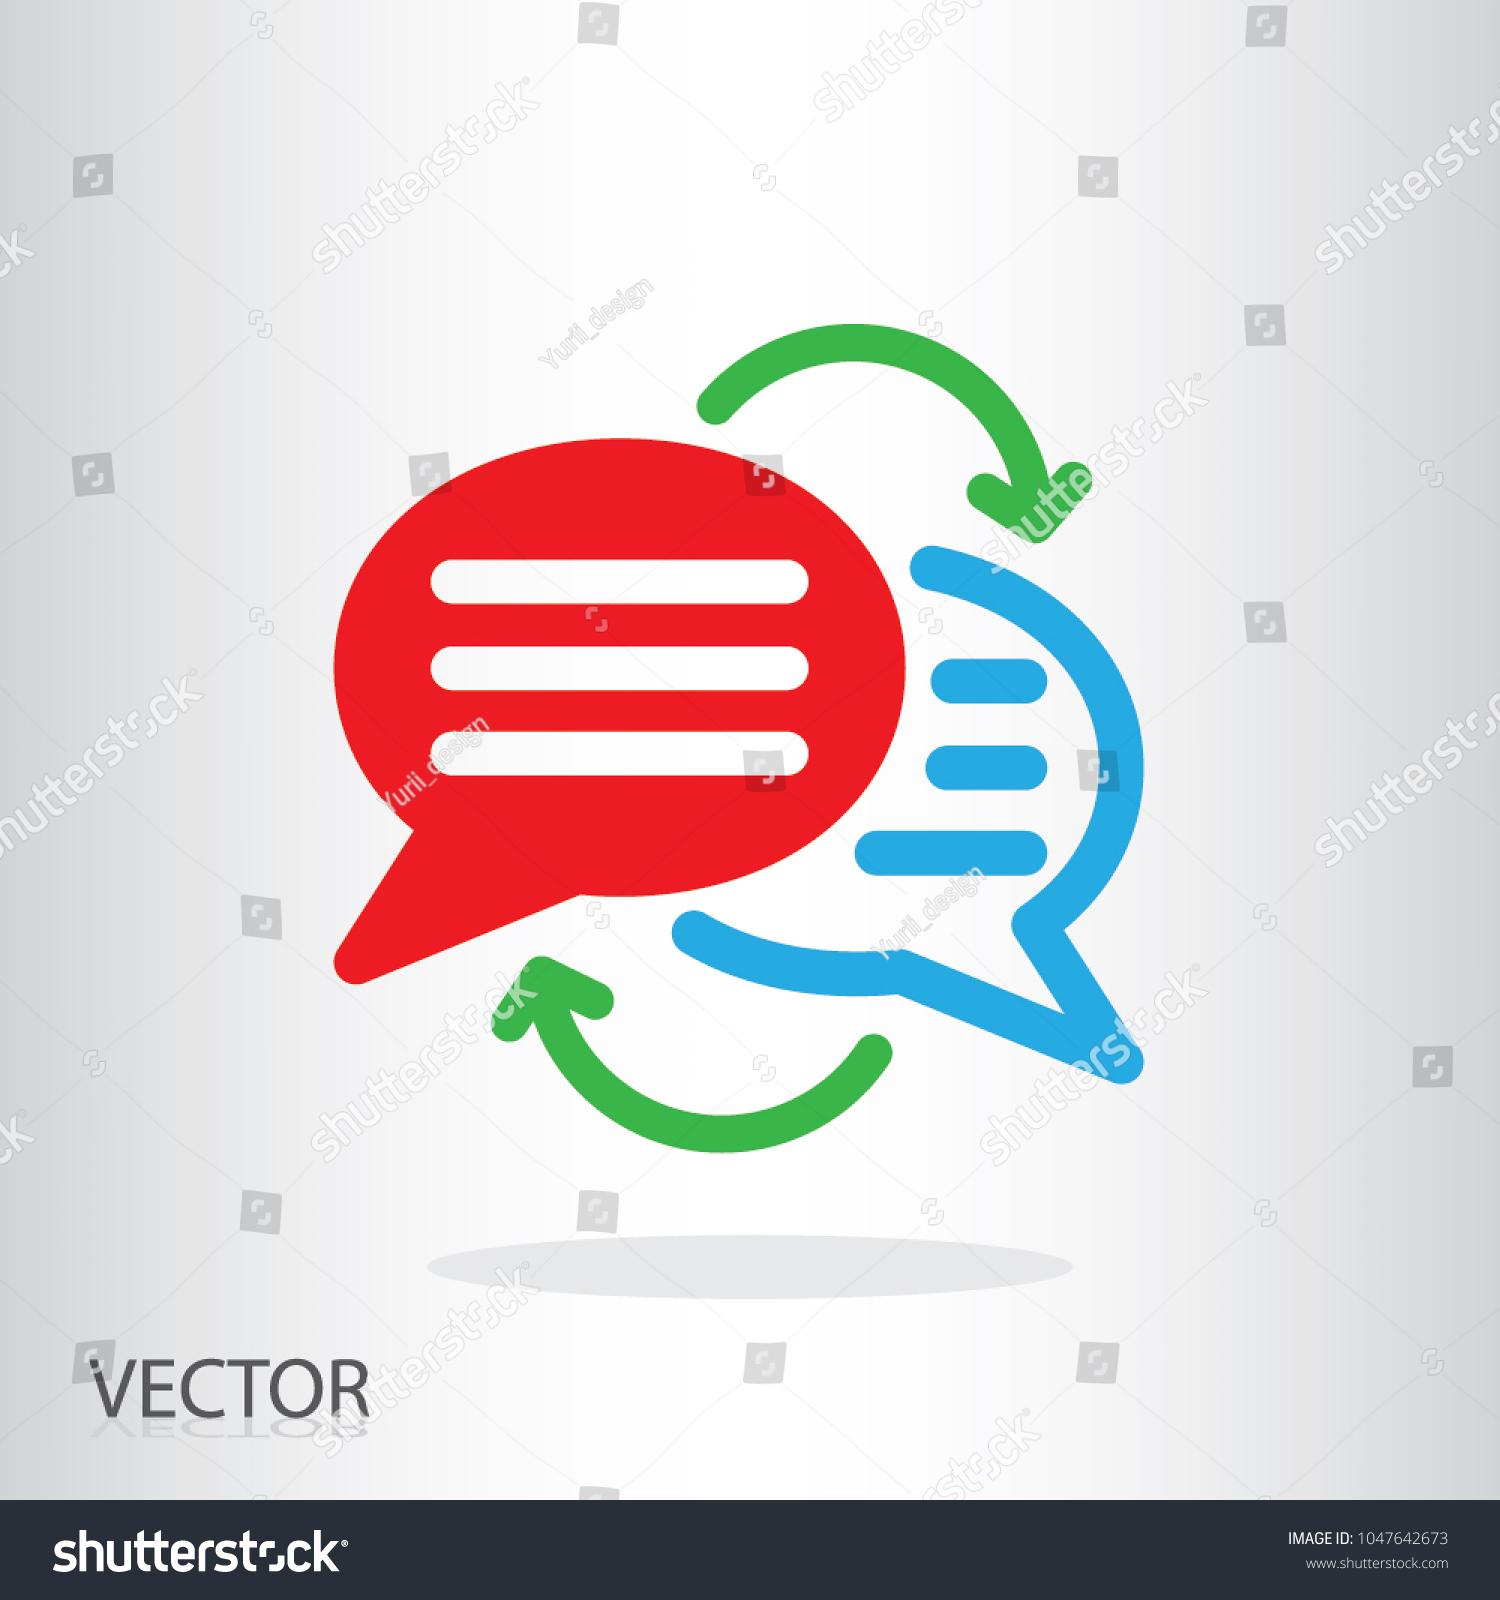 Writing Text Translation Icon Language Translation Stock Vector